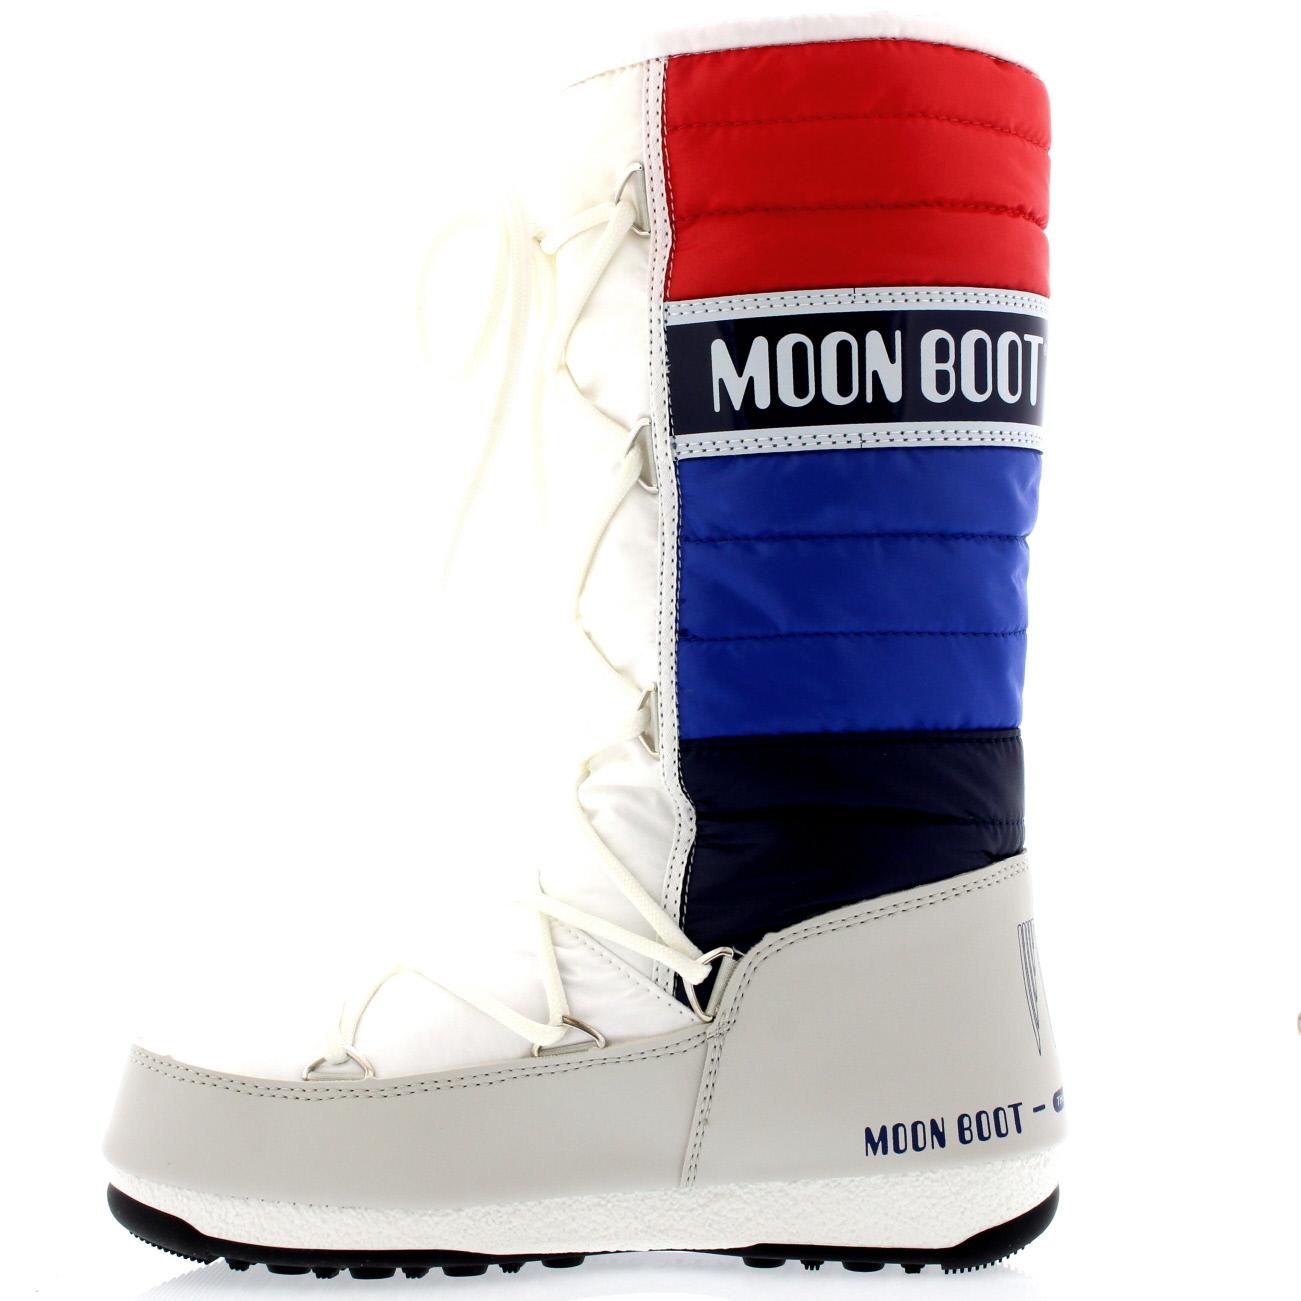 Mujer Tecnica Moon bota Acolchado Impermeable Original Mitad Mitad Mitad de Pantorrilla botas De Nieve UK 3-8 071b88